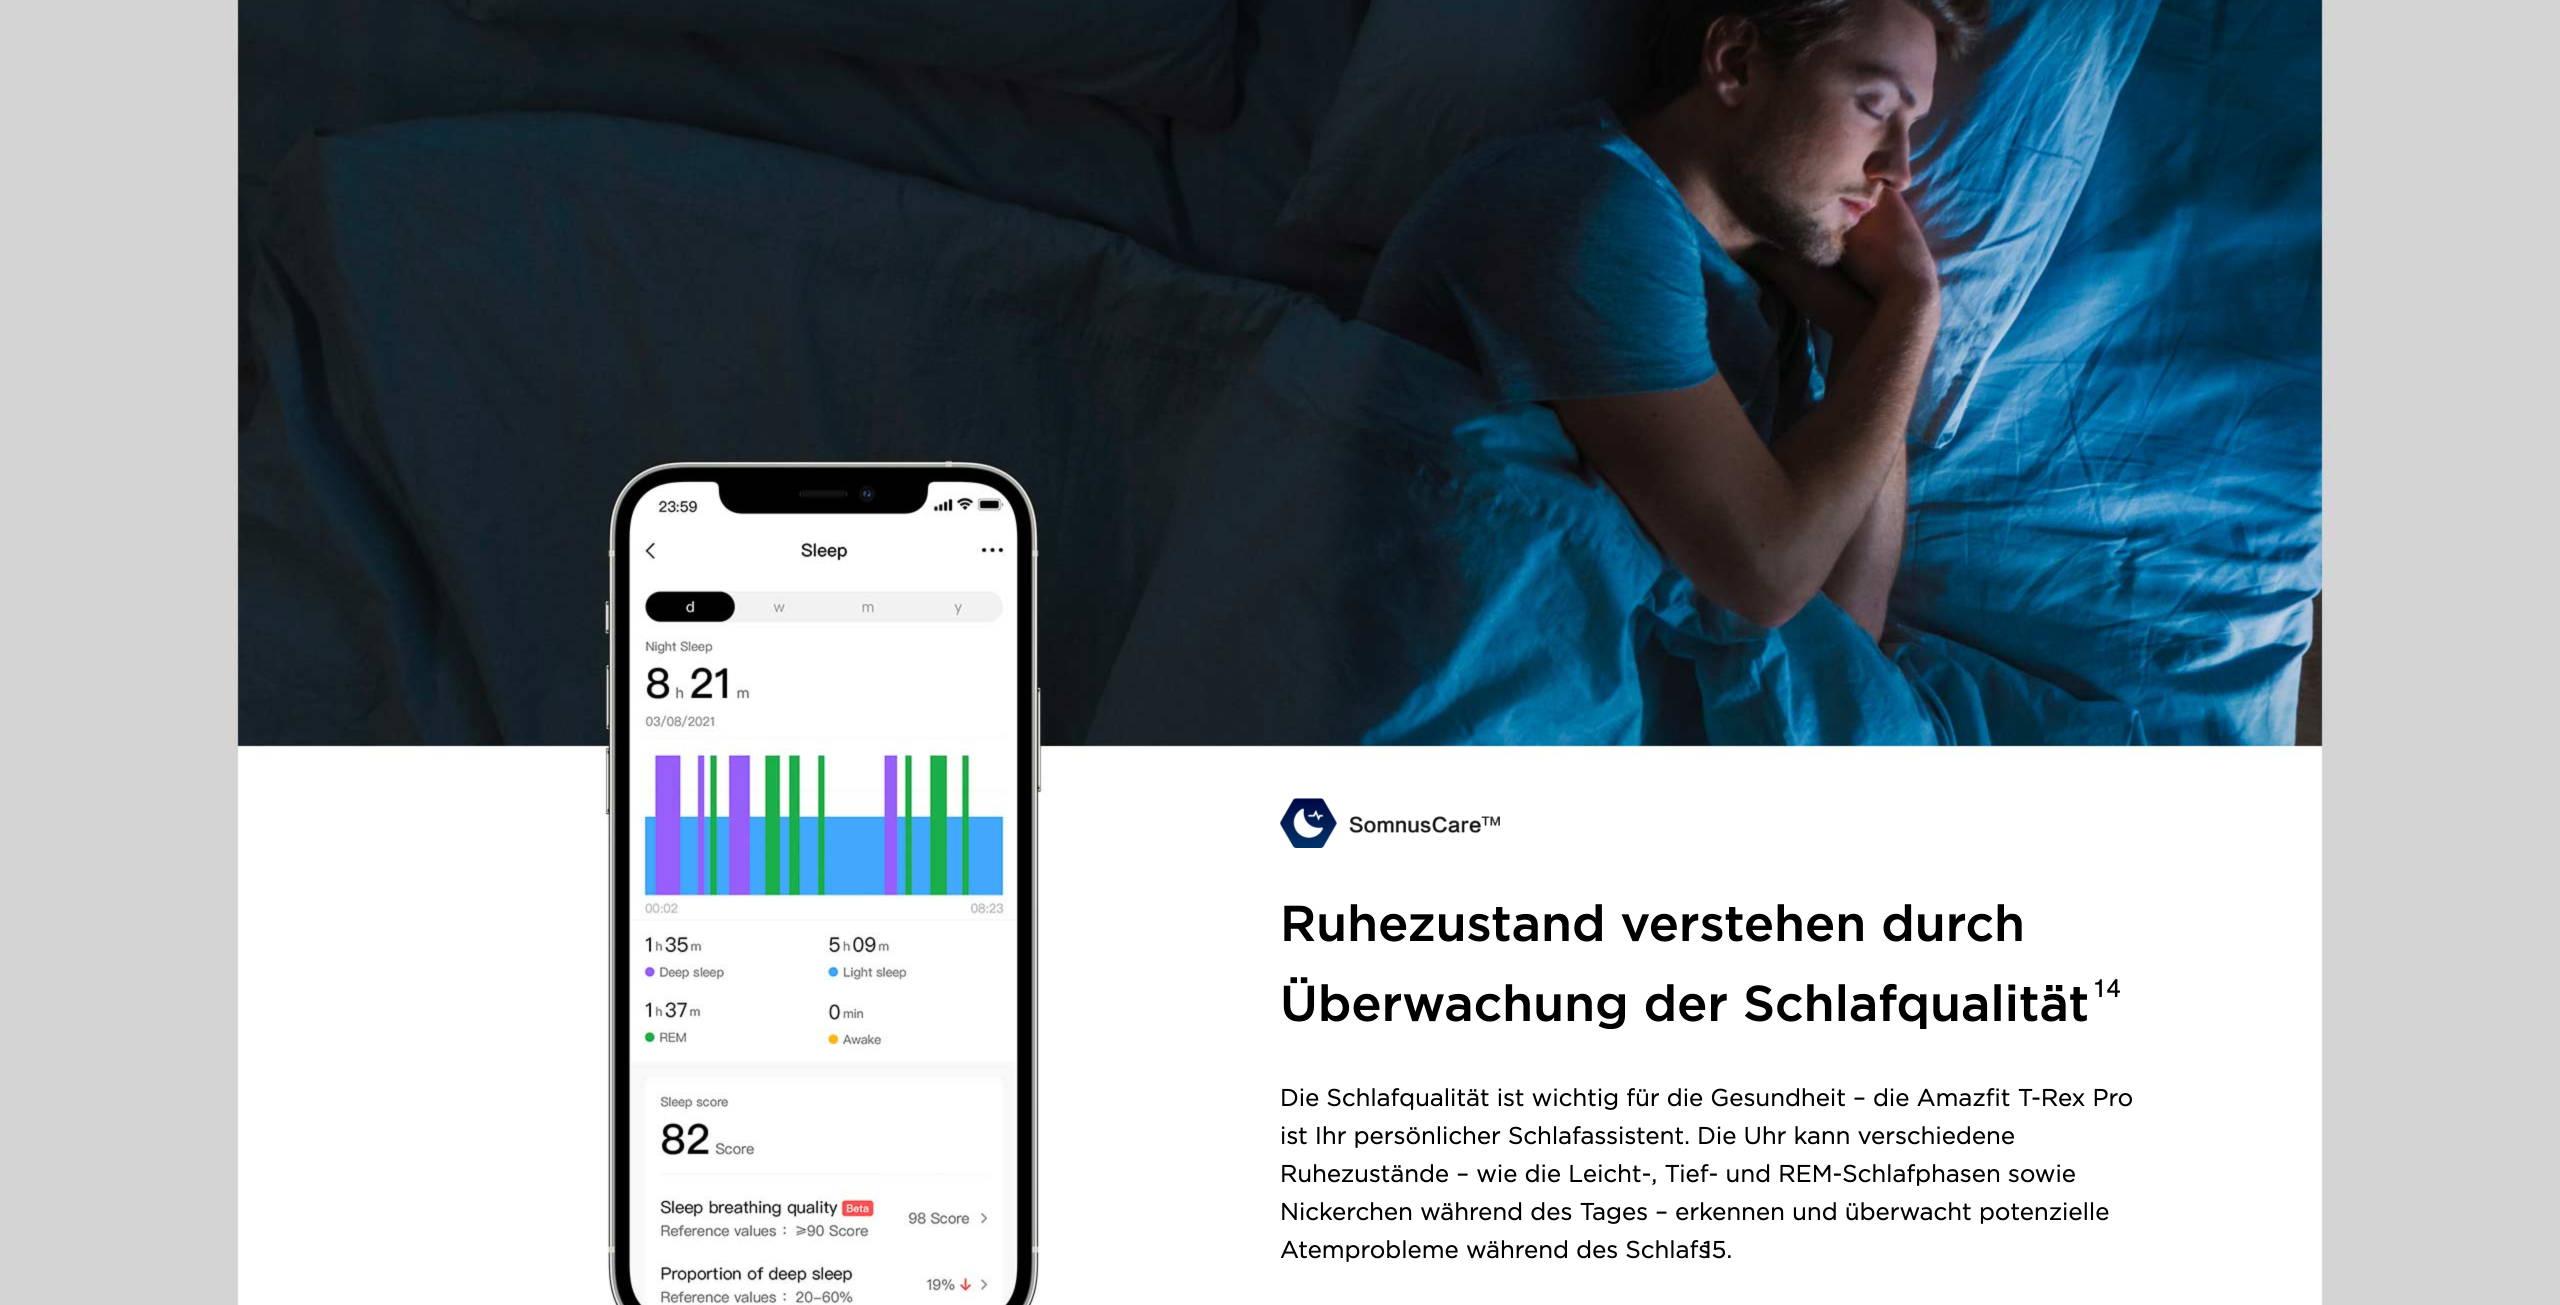 Amazfit T-Rex Pro - Ruhezustand verstehen durch Überwachung der Schlafqualität